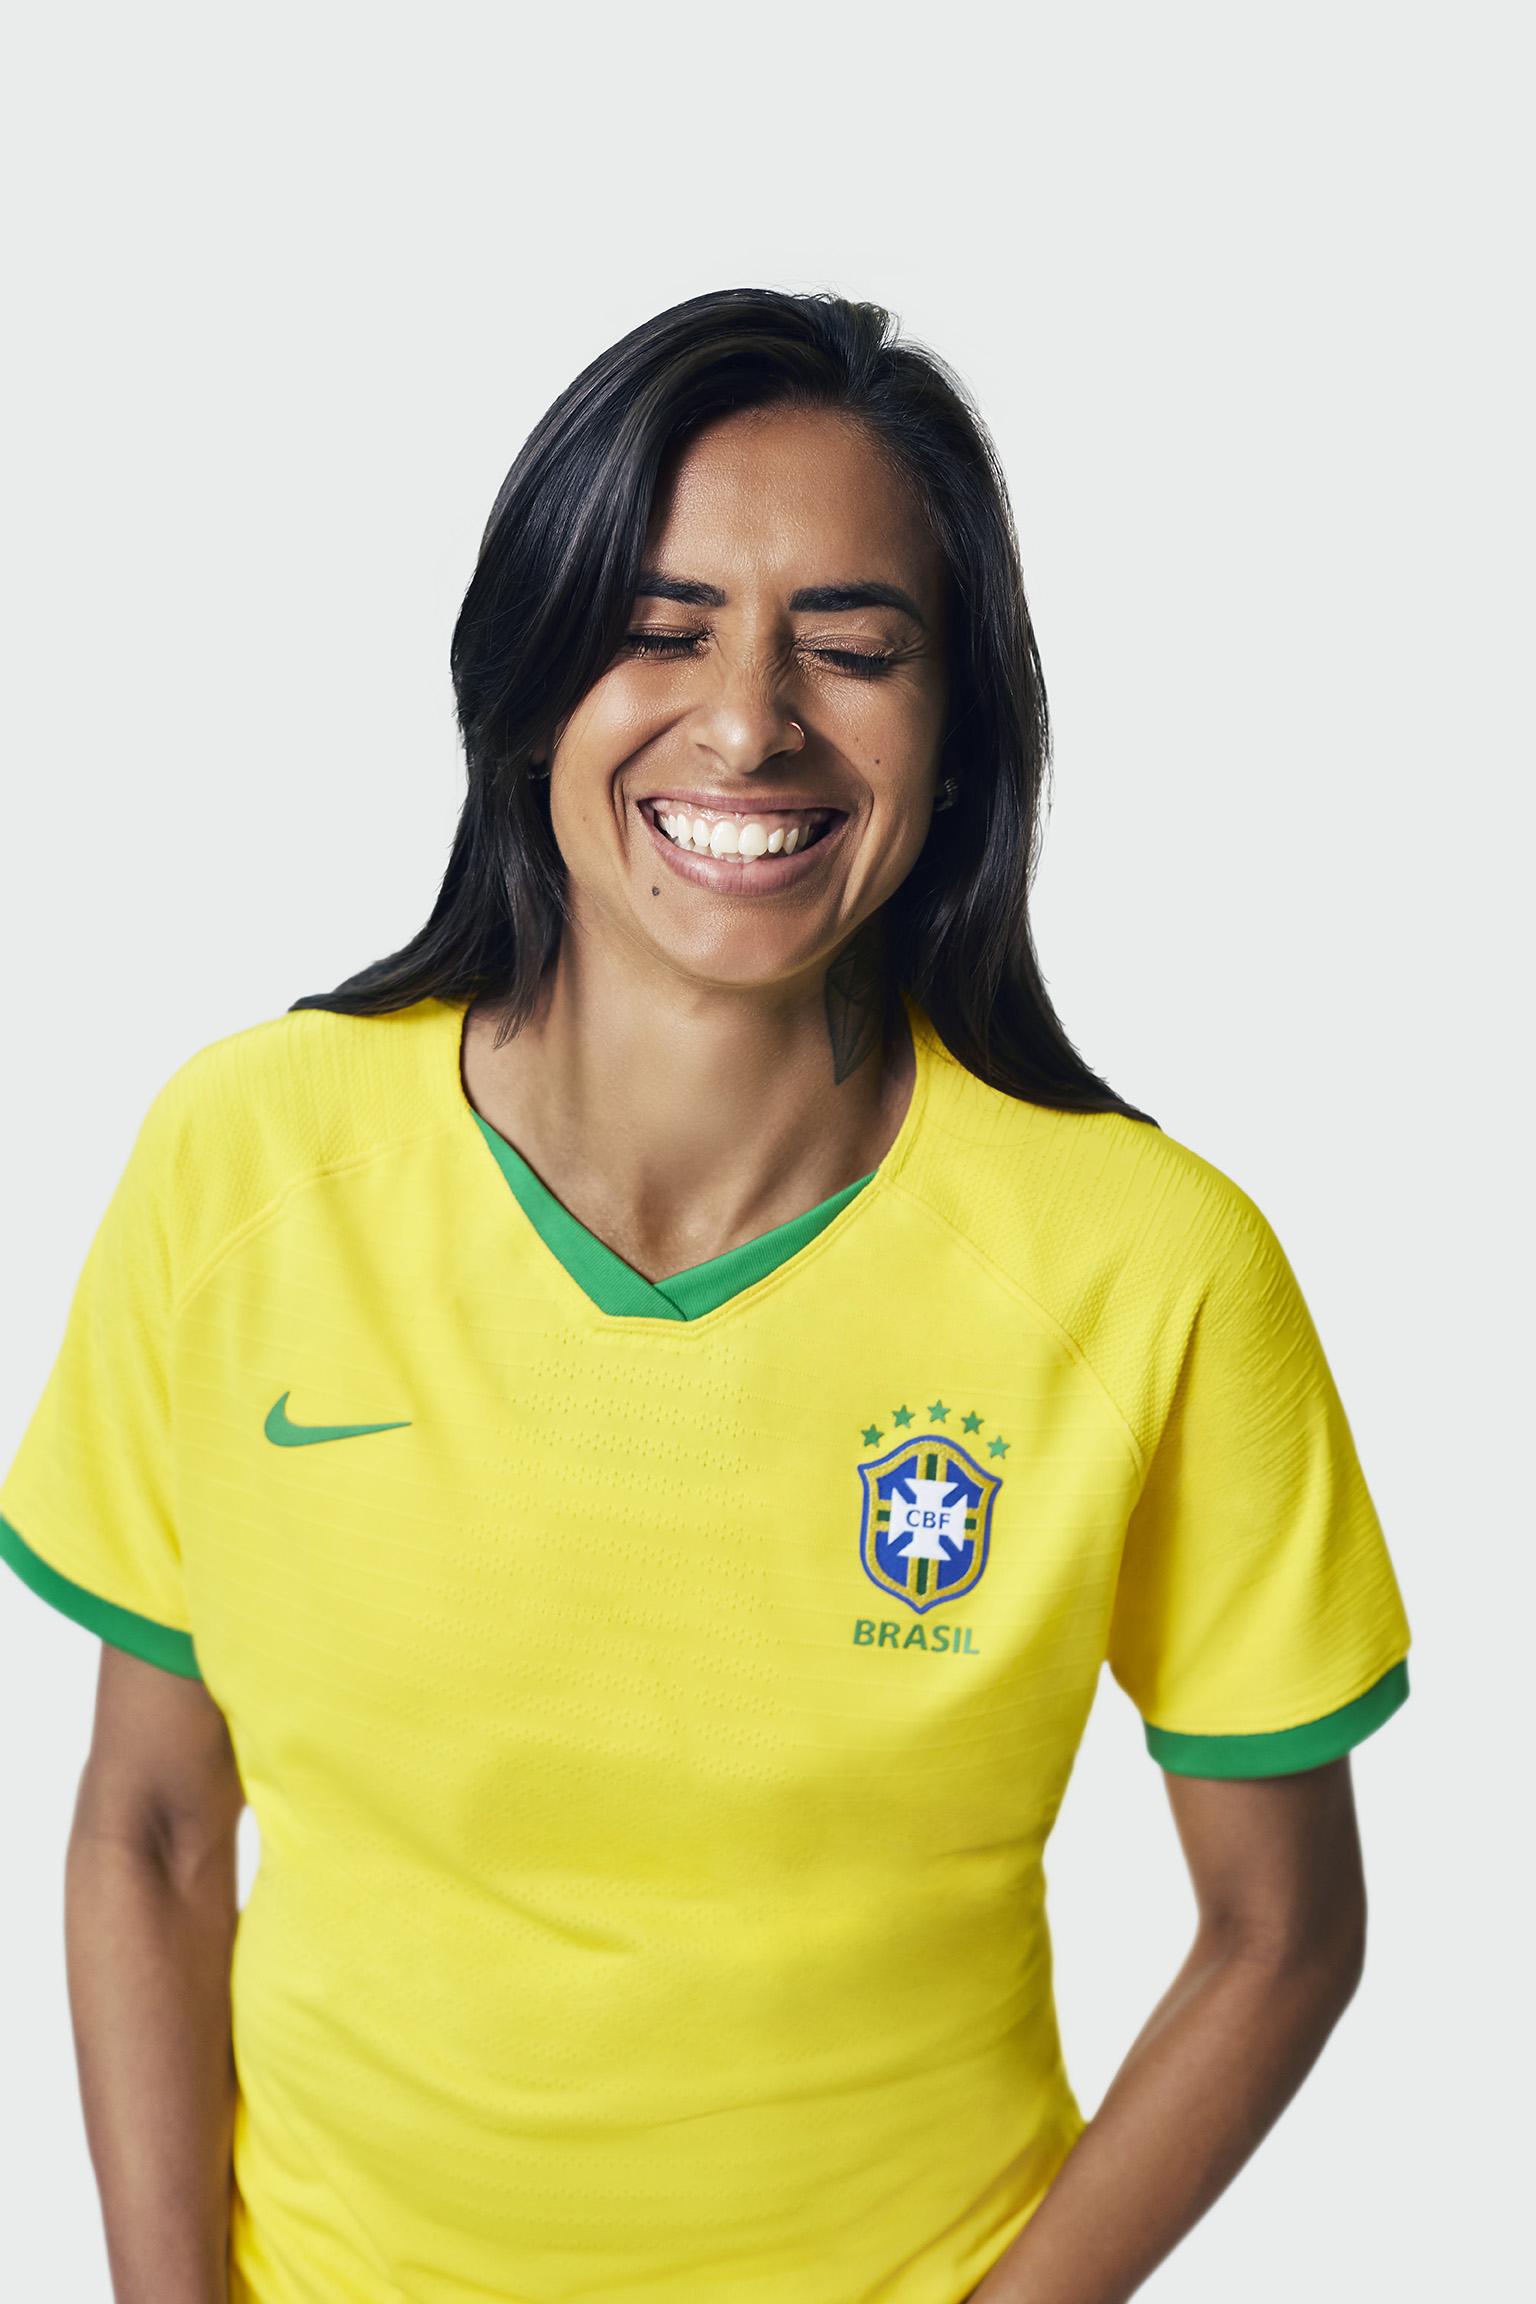 uniforme-da-selecao-feminina-de-futebol